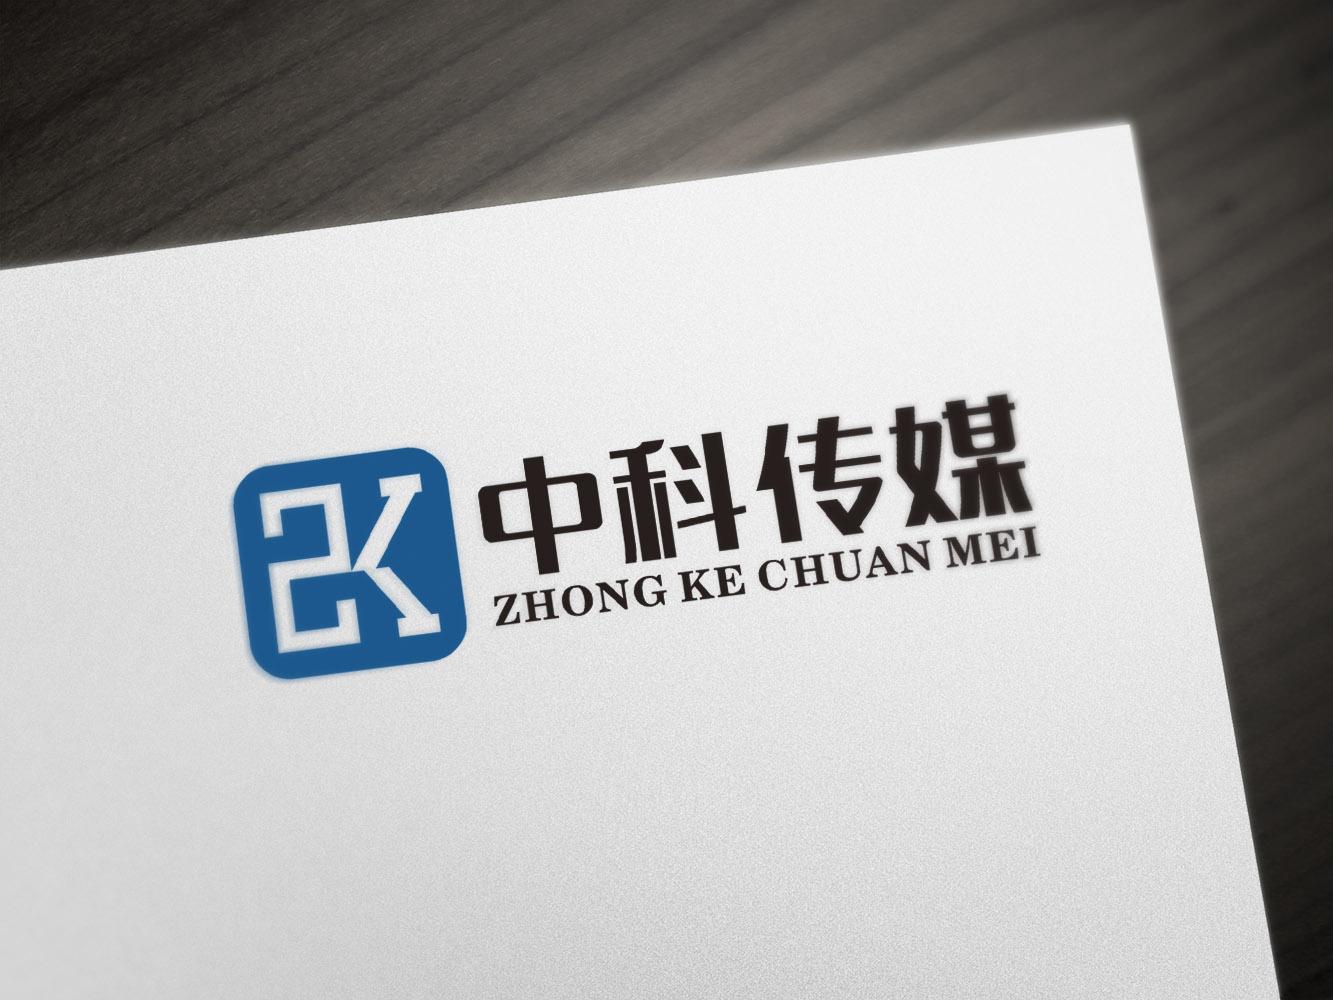 中英文LOGO 设计_3025566_k68威客网